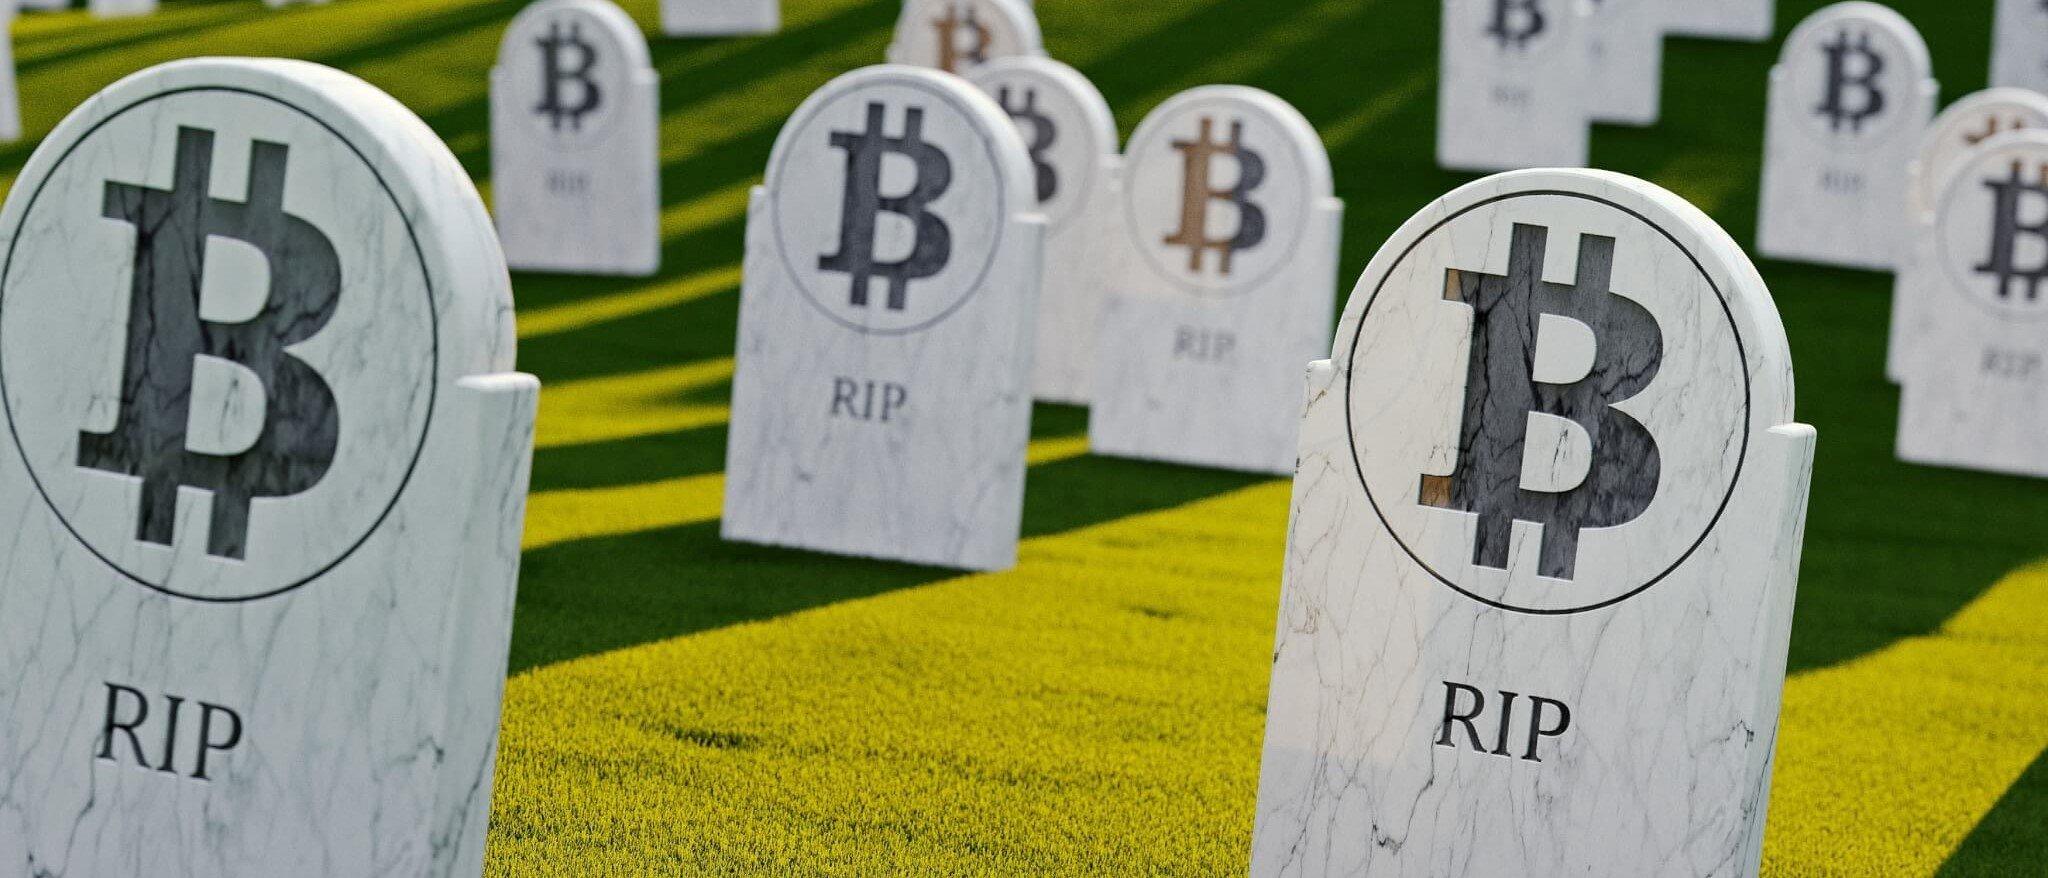 Tin tức crypto (6/11): Hardfork Bitcoin Cash gần kề, Bitcoin phải biến động để tự cứu mình?